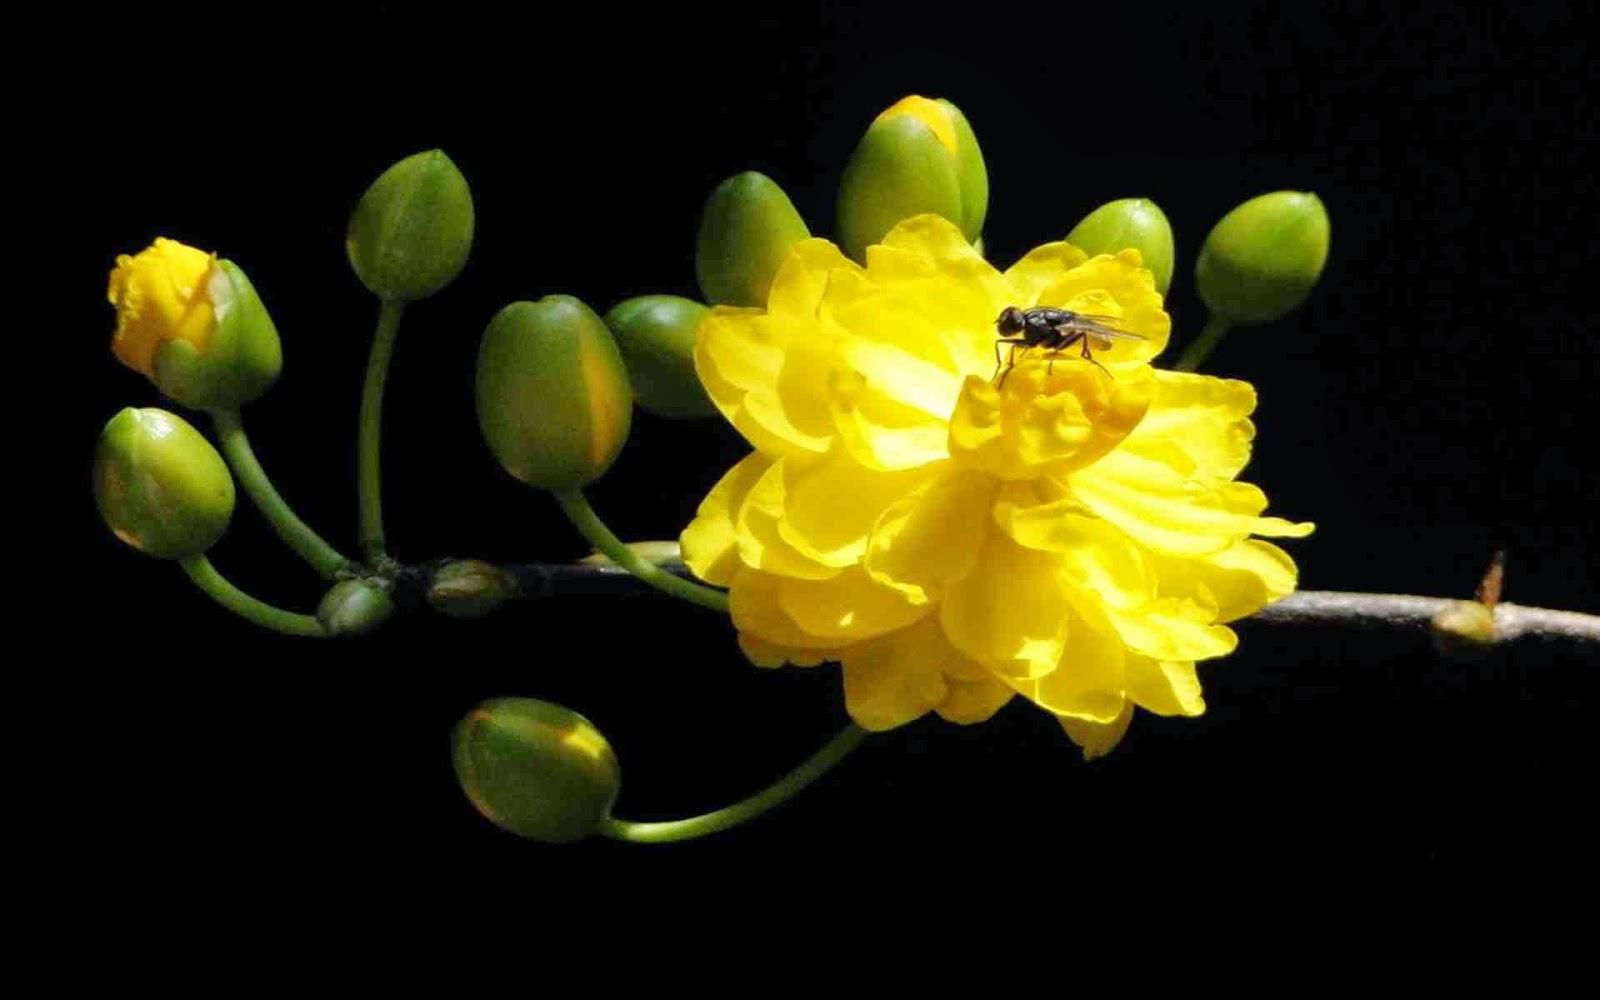 ảnh nền hoa mai tết 2015